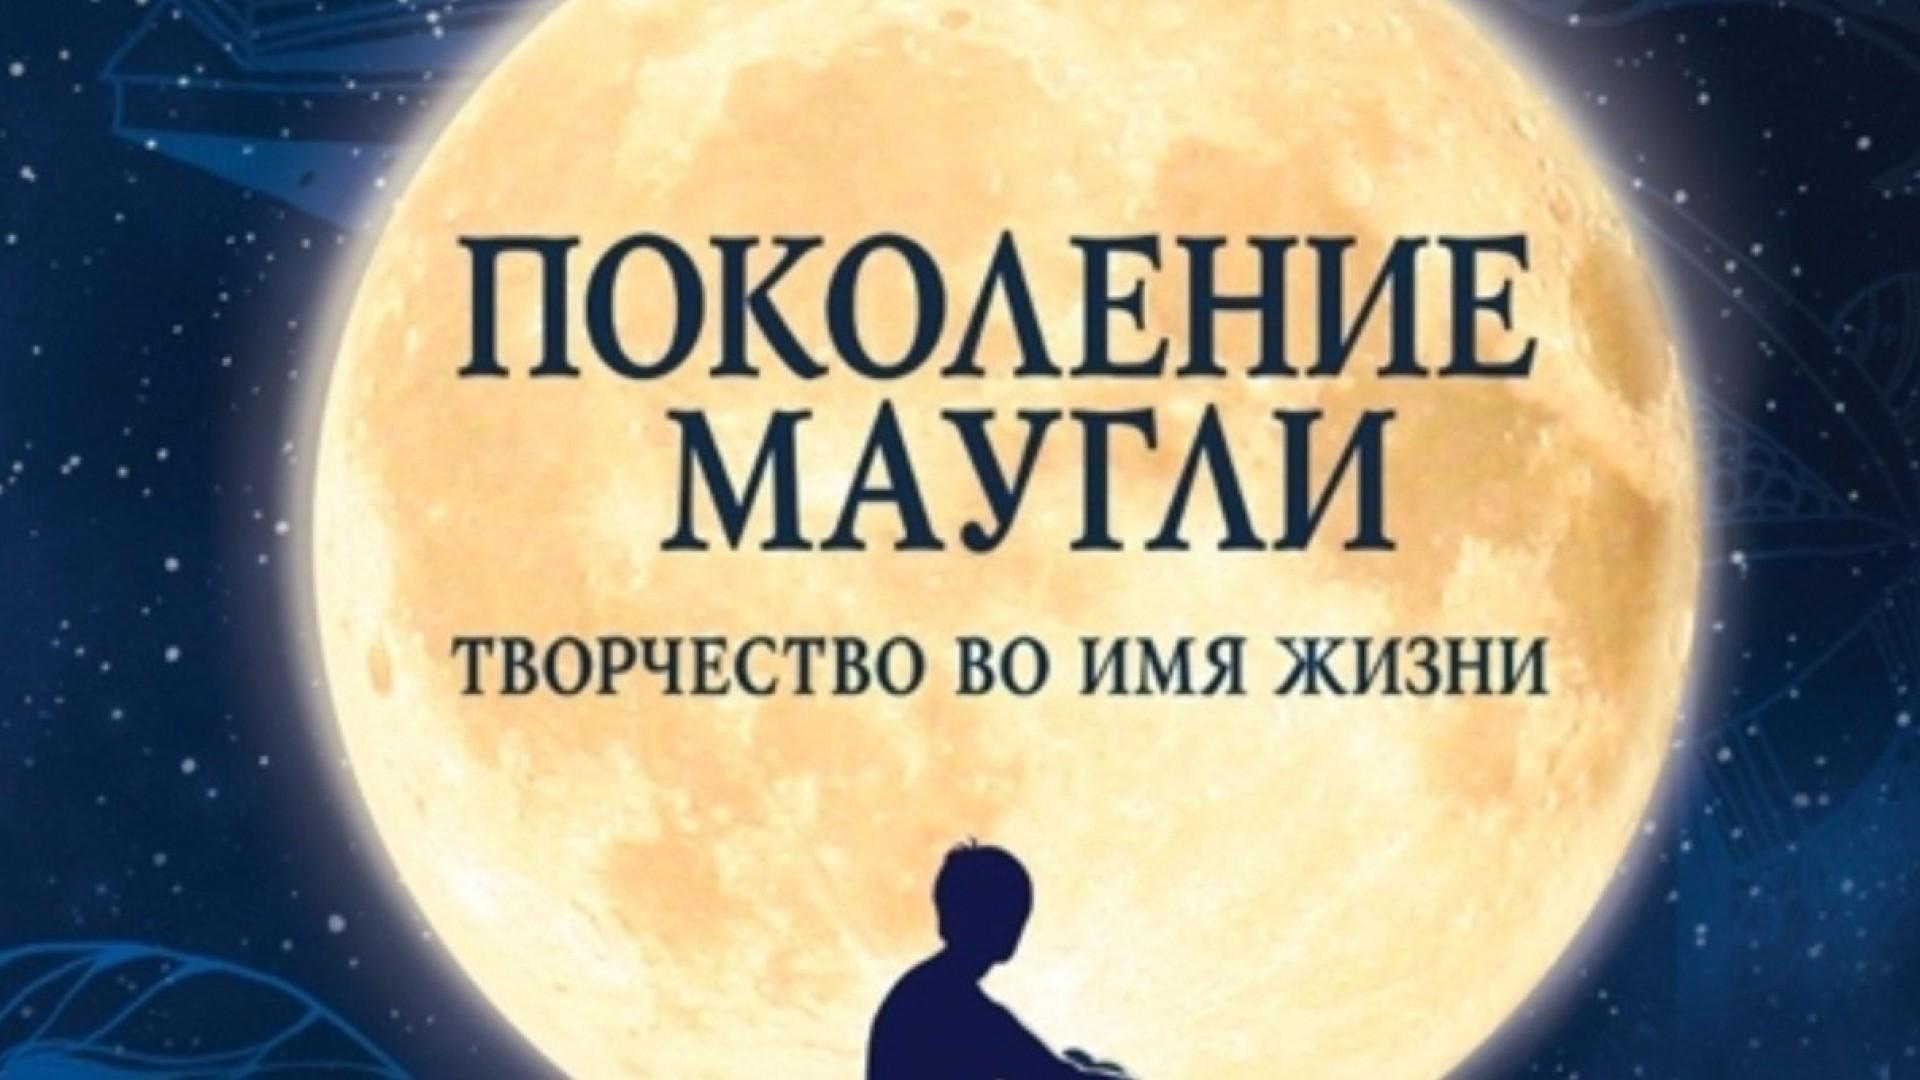 Юные новосибирцы могут поучаствовать в крупнейшем благотворительном театральном проекте России